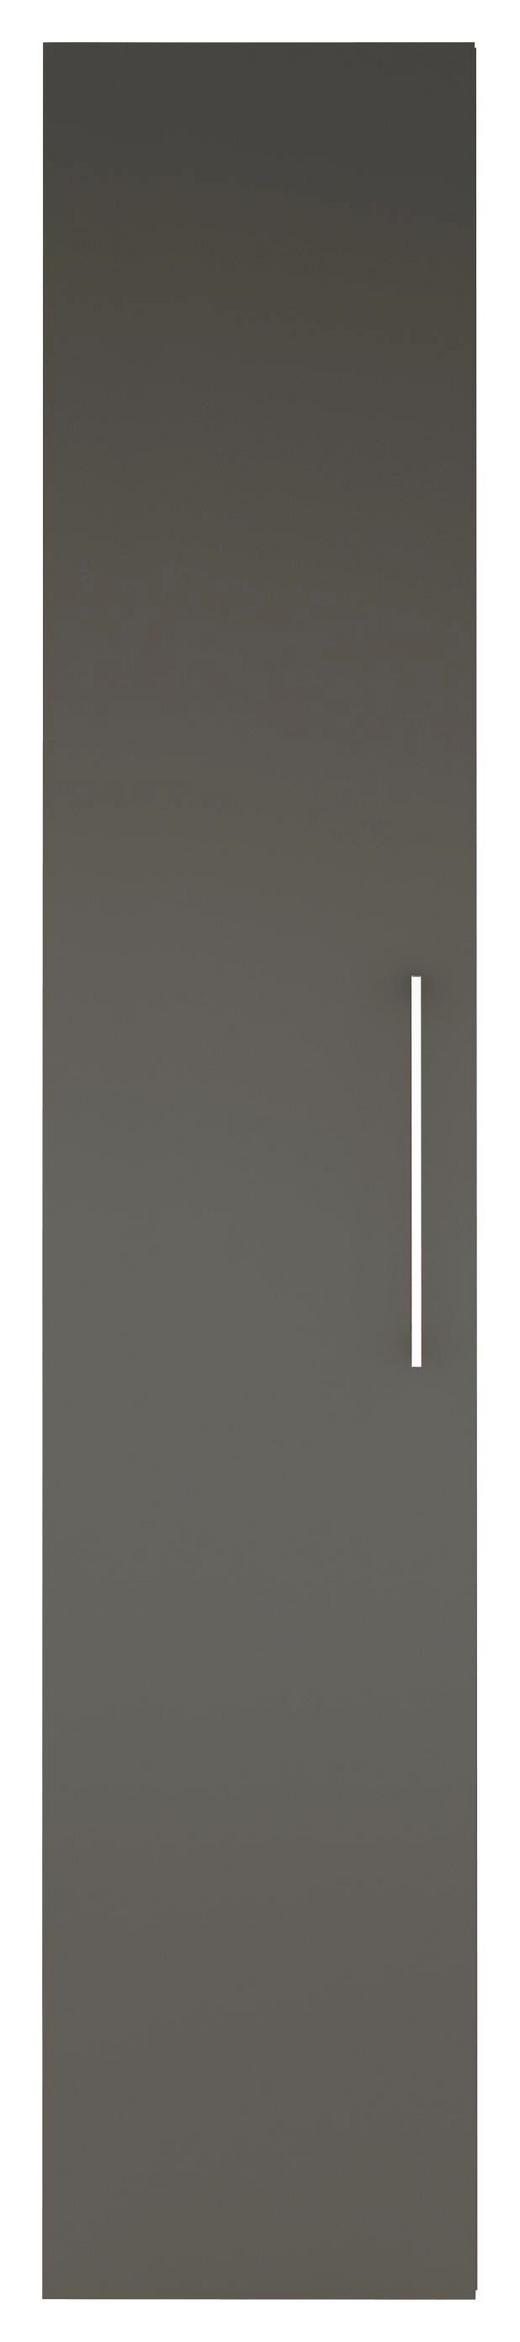 DREHTÜRENSCHRANK 1  -türig Grau, Weiß - Chromfarben/Weiß, Design, Holzwerkstoff/Metall (40/208/57cm) - CARRYHOME